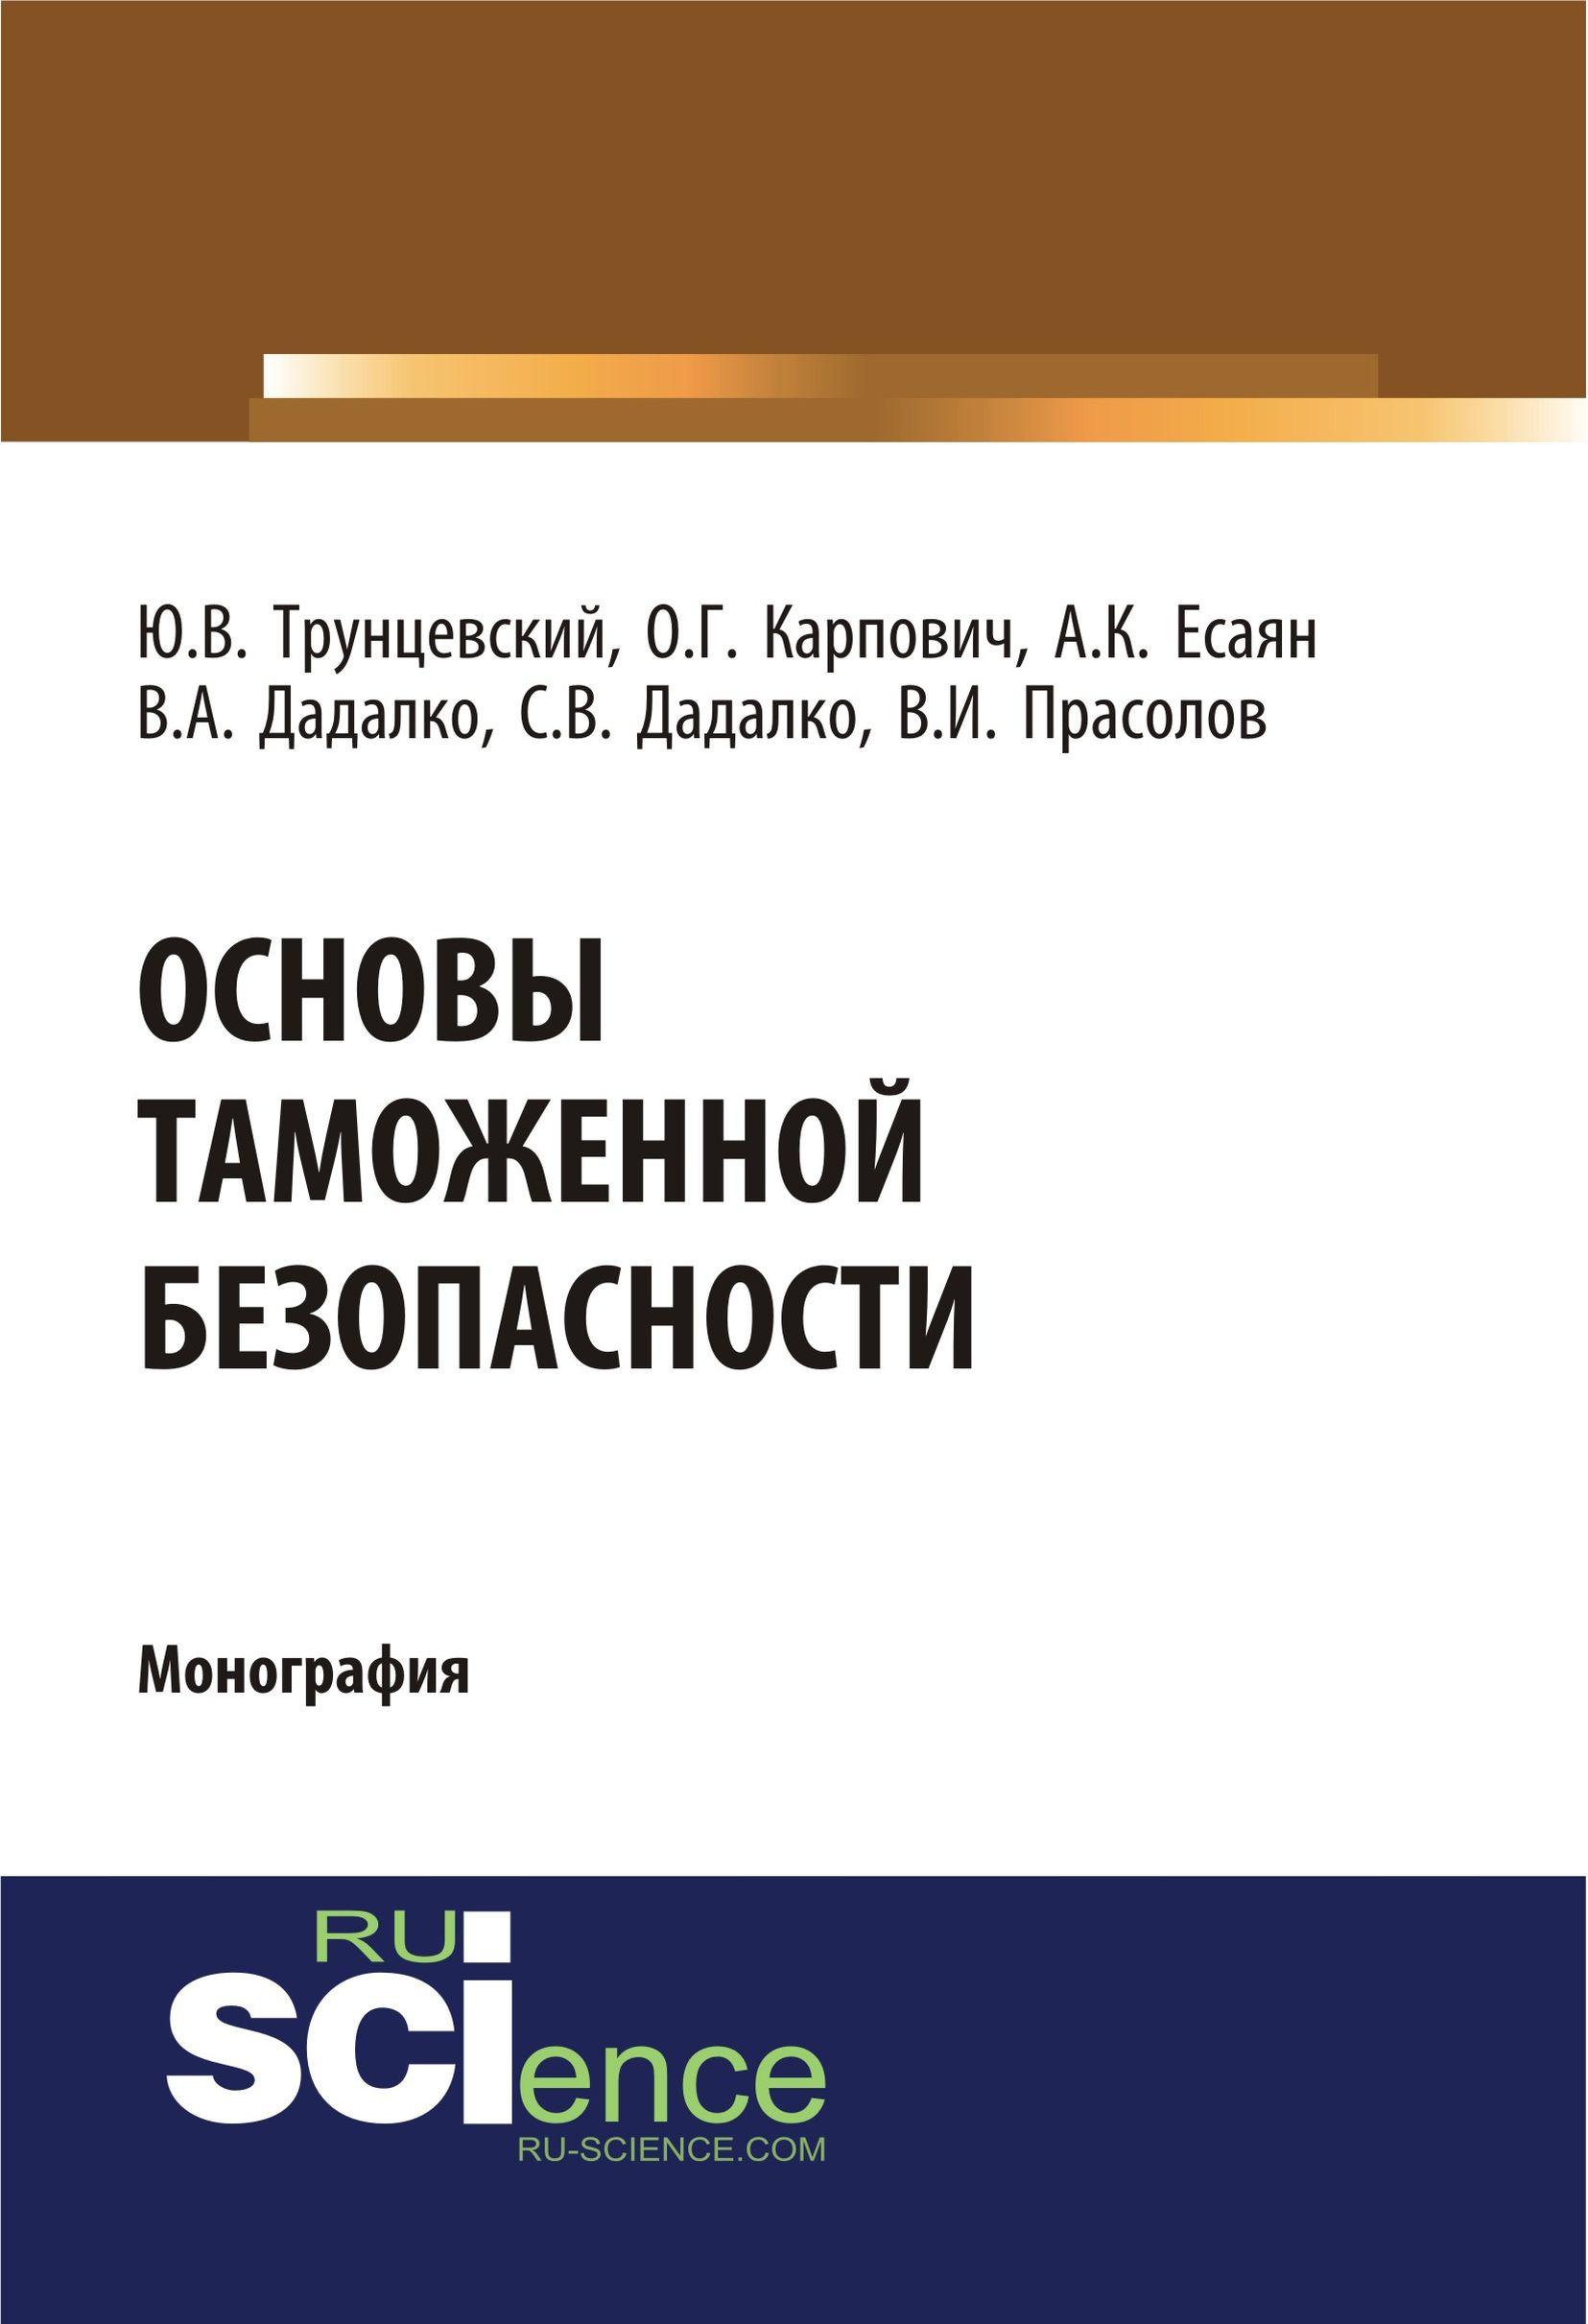 О. Г. Карпович Основы таможенной безопасности